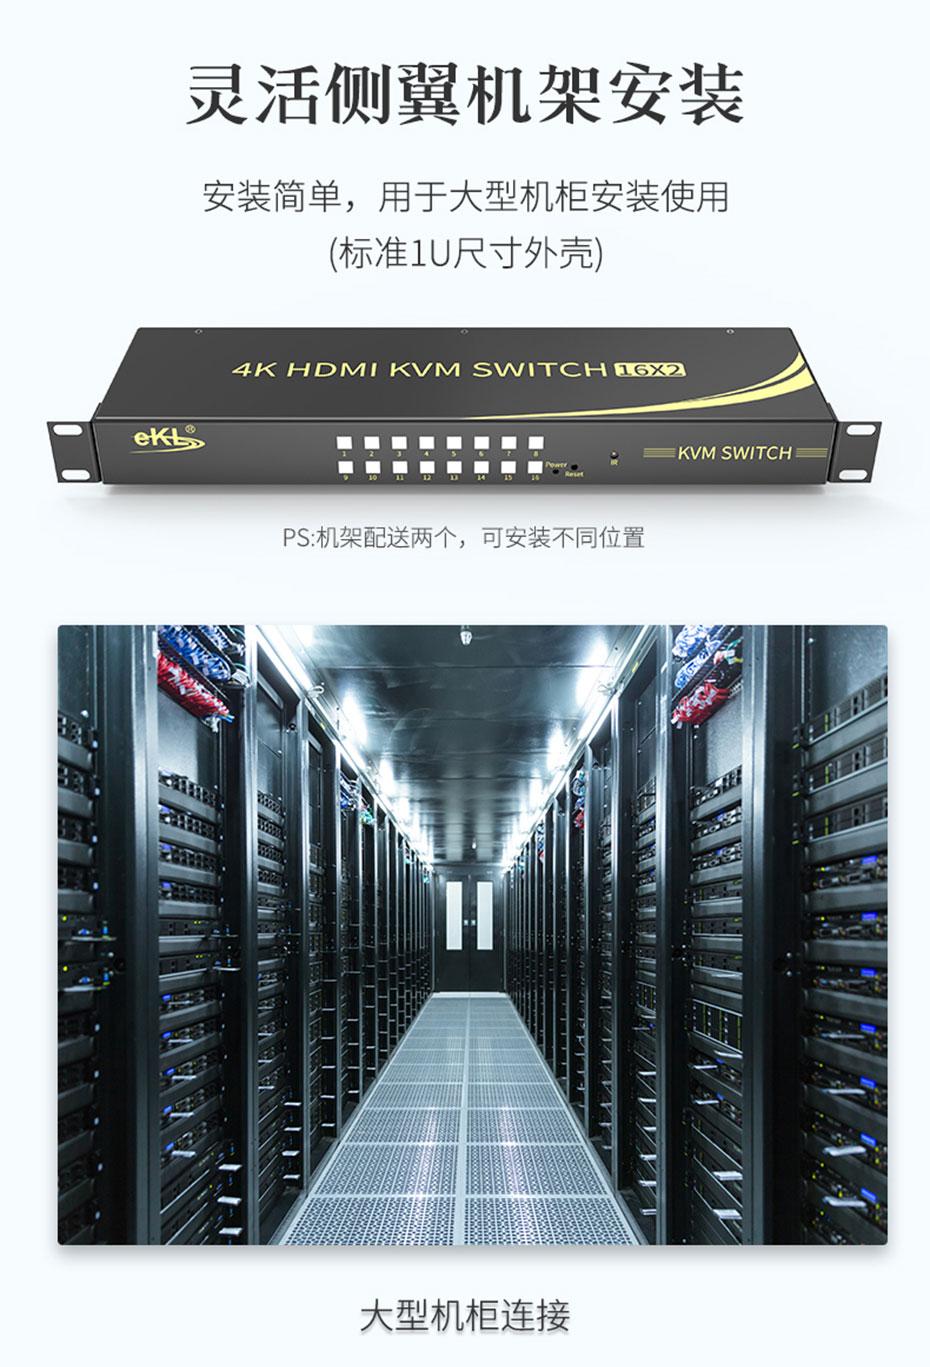 16进2出HDMI KVM切换器161HK采用机架式安装设计